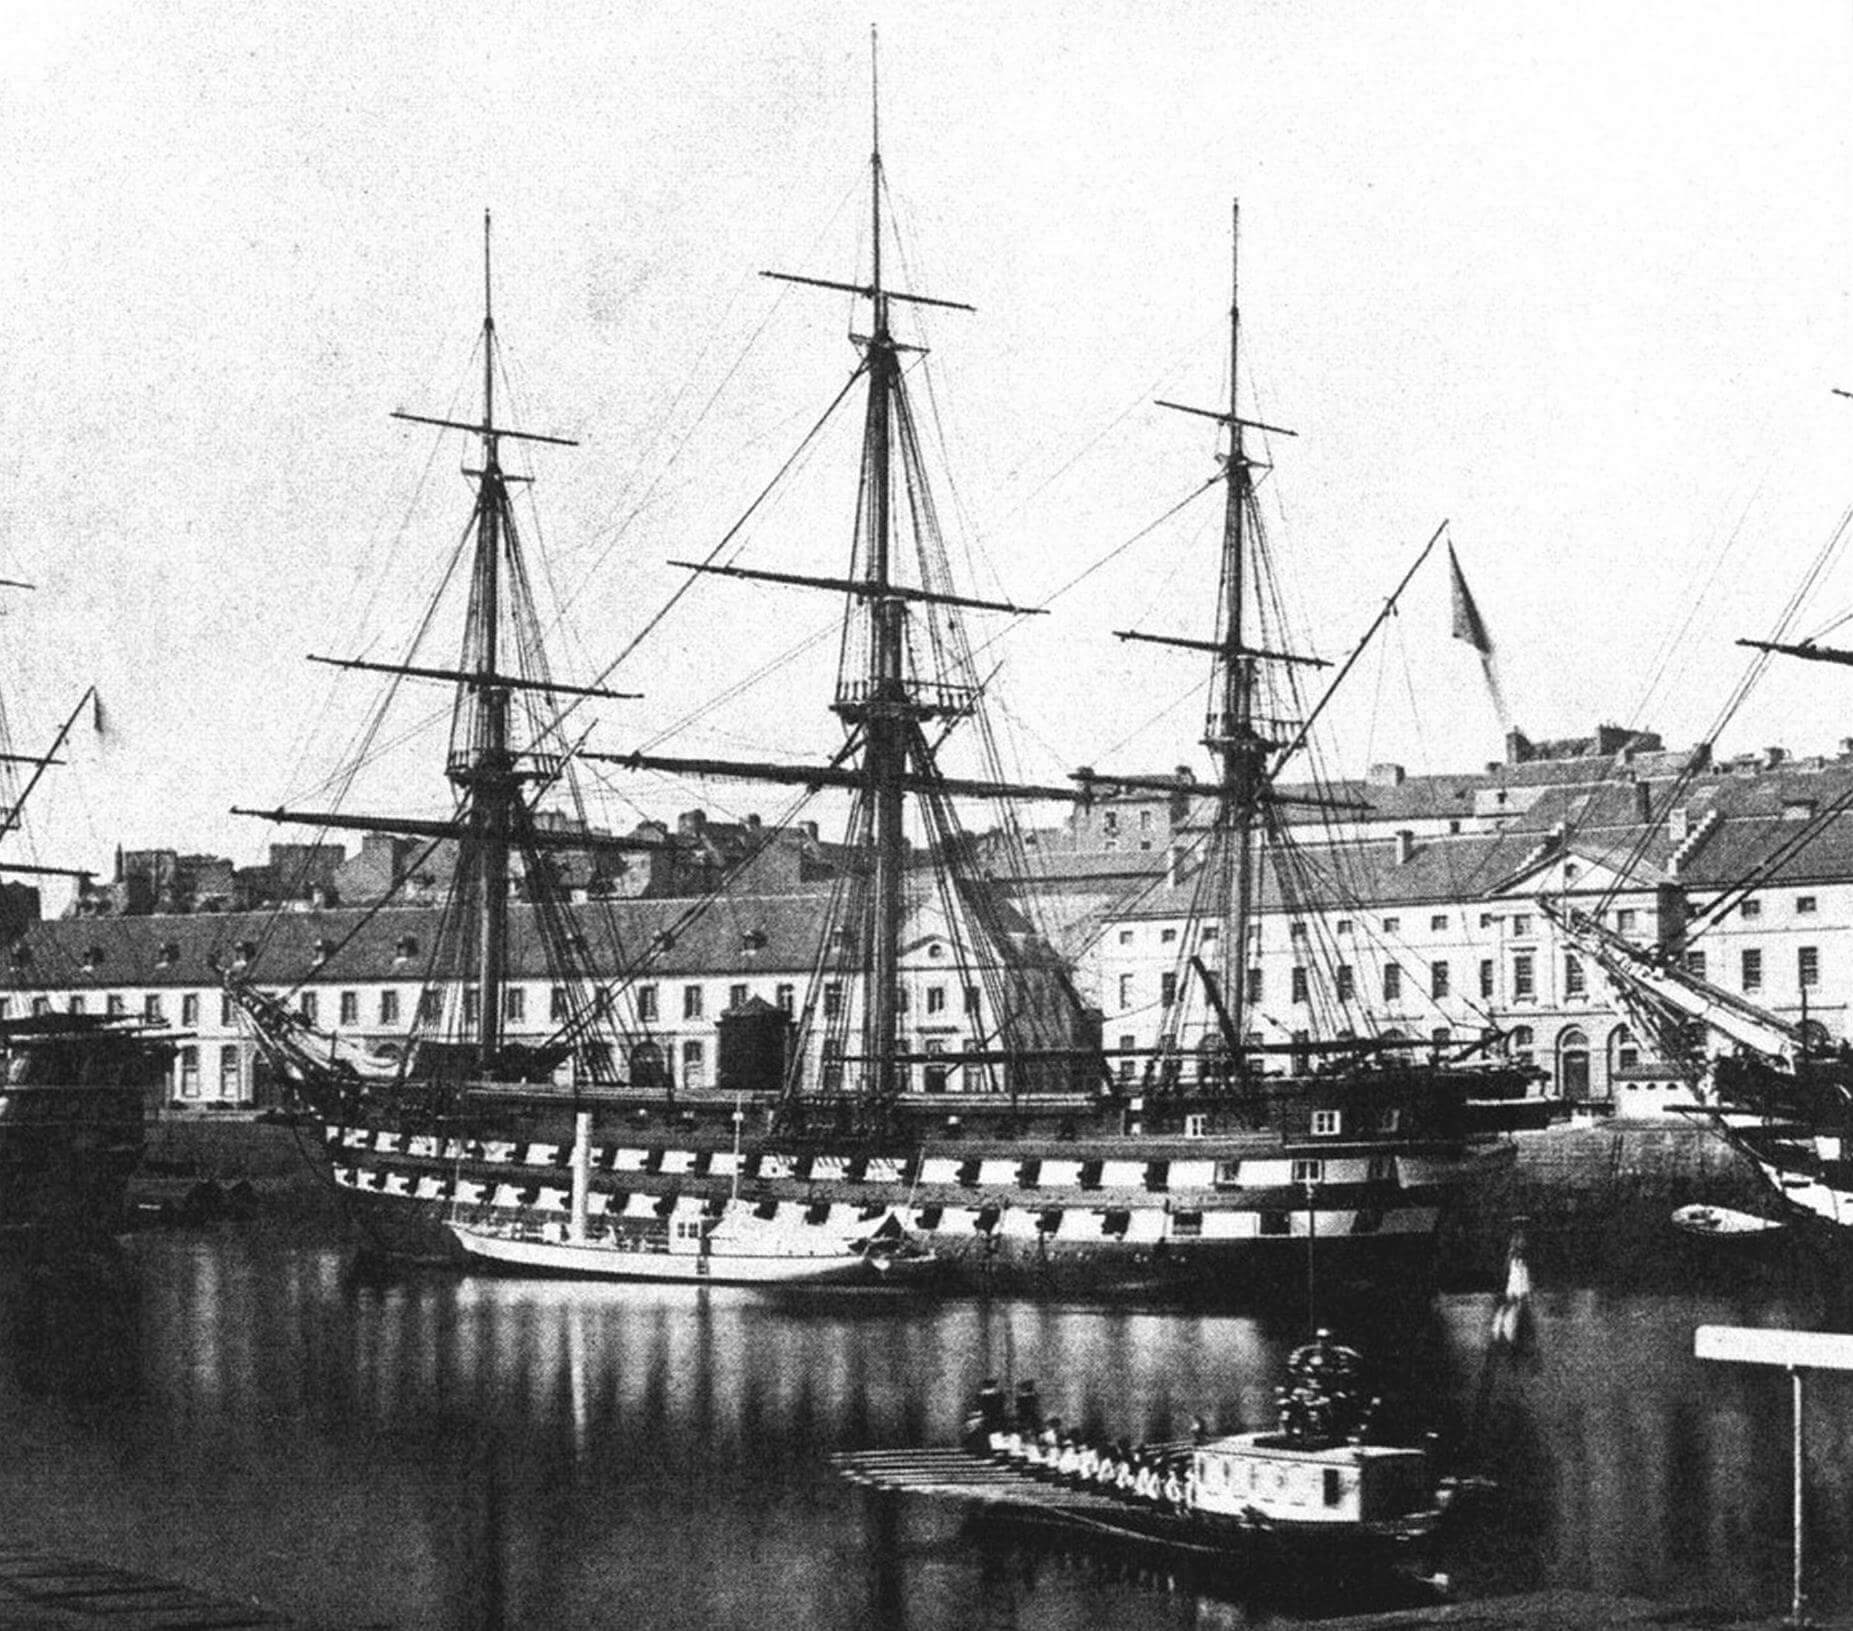 Смотр французского флота императором Наполеоном III. Императорская лодка (на переднем плане) подходит к борту линейного корабля «Империал»